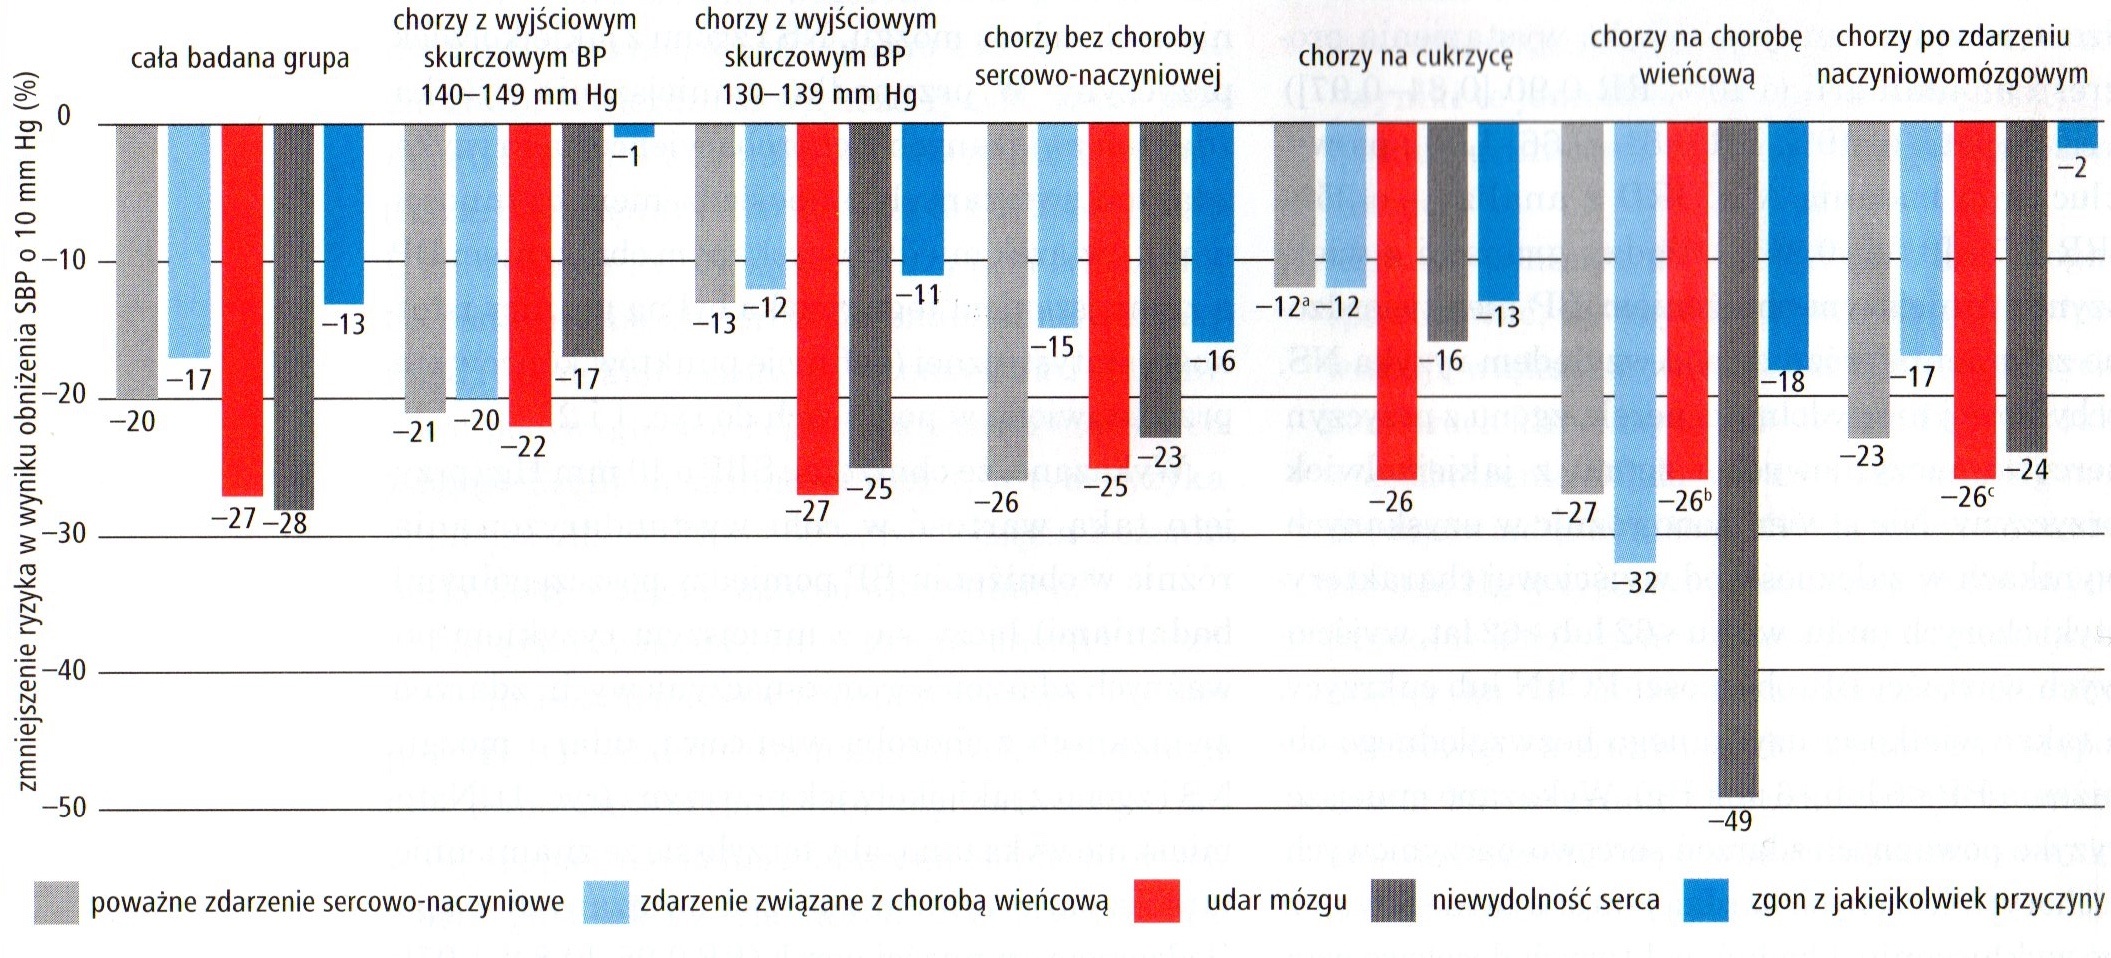 Korzyści z redukcji ciśnienia tętniczego o 10mmHg - metaanaliza Ettehad i wsp.